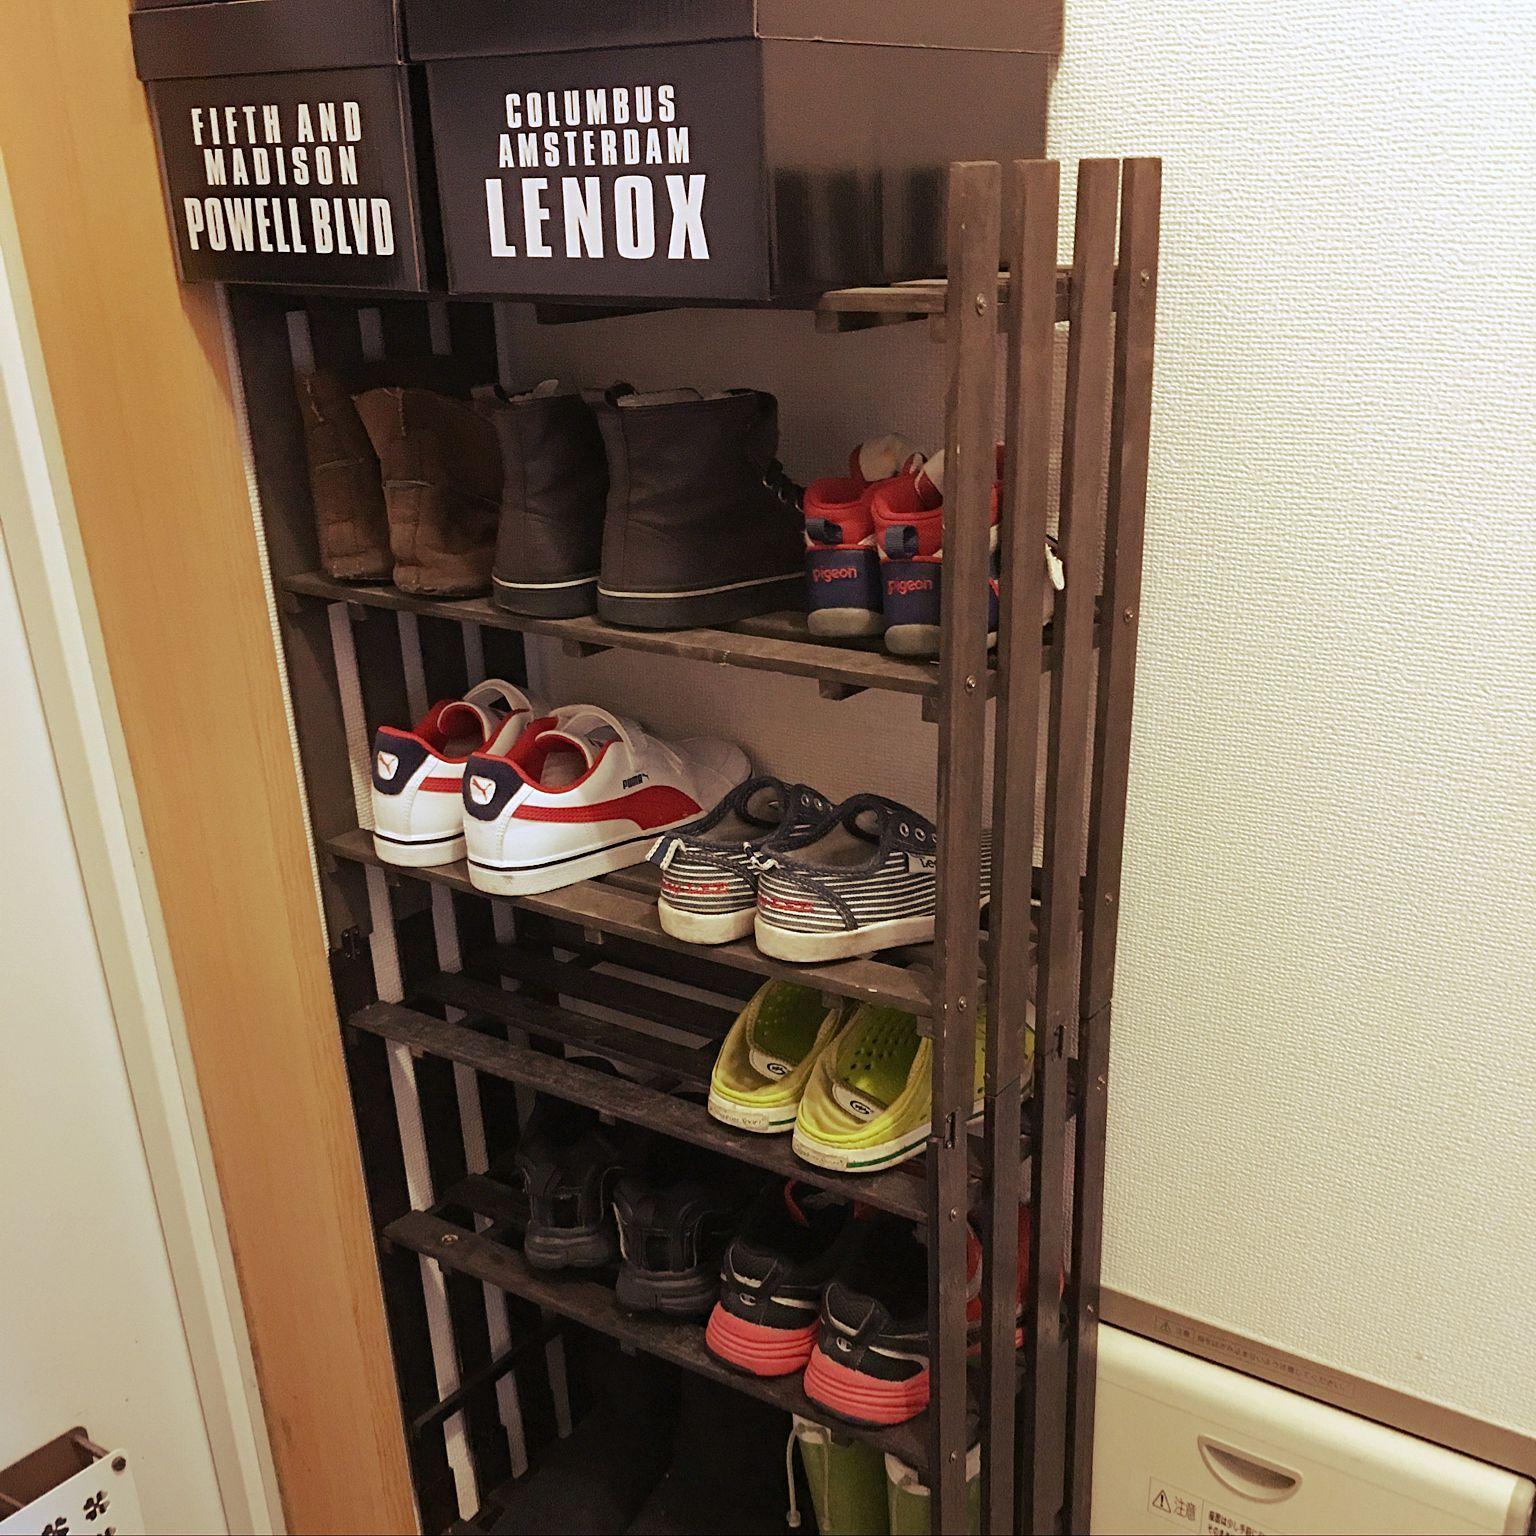 玄関 入り口 子供用靴箱 すのこ ダイソー 雑貨 などのインテリア実例 2016 08 05 14 19 25 Roomclip ルームクリップ 片付け収納 100均 収納 収納 アイディア